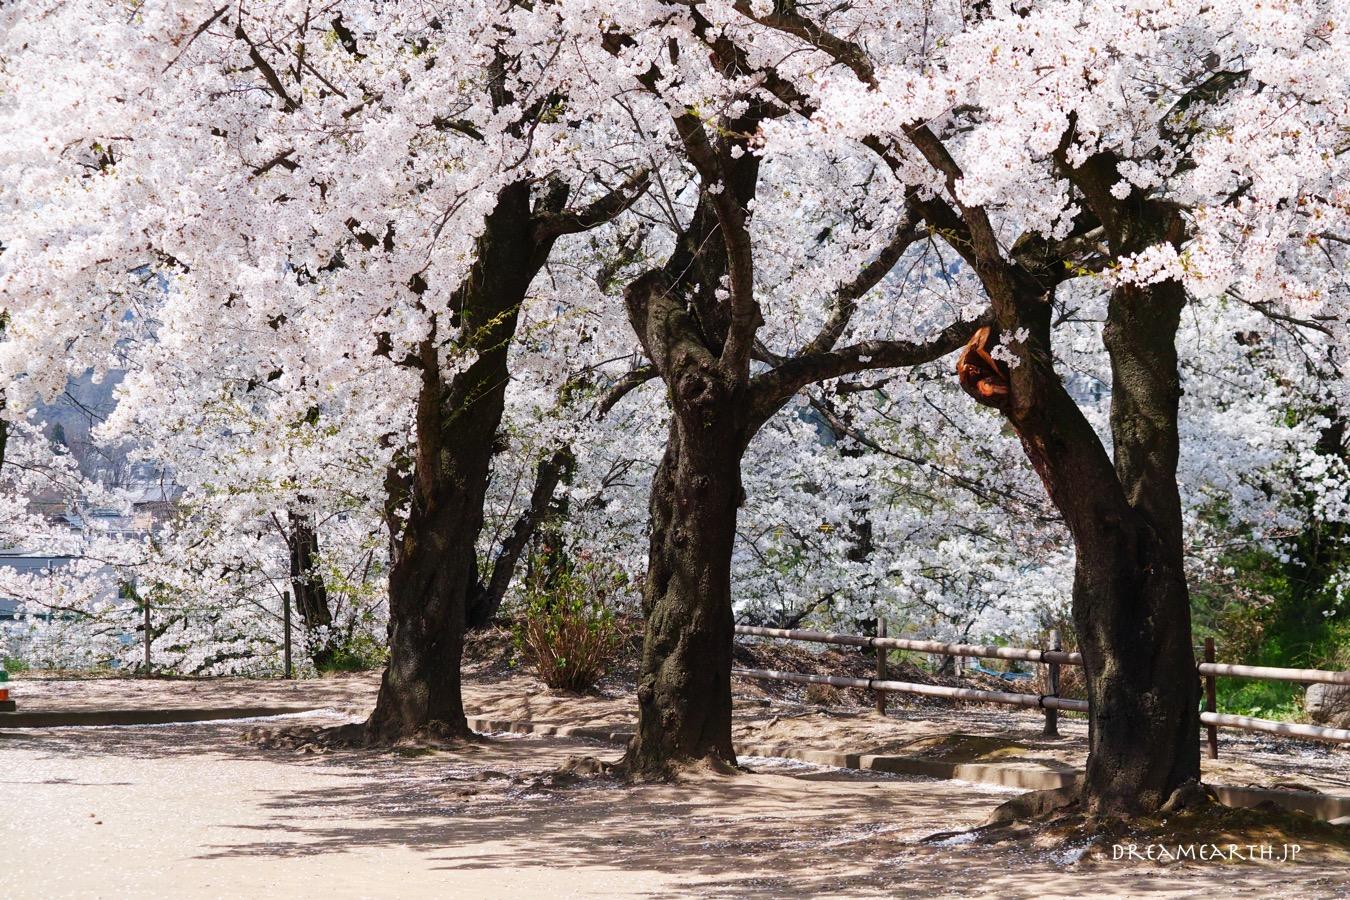 飯山城址公園の桜